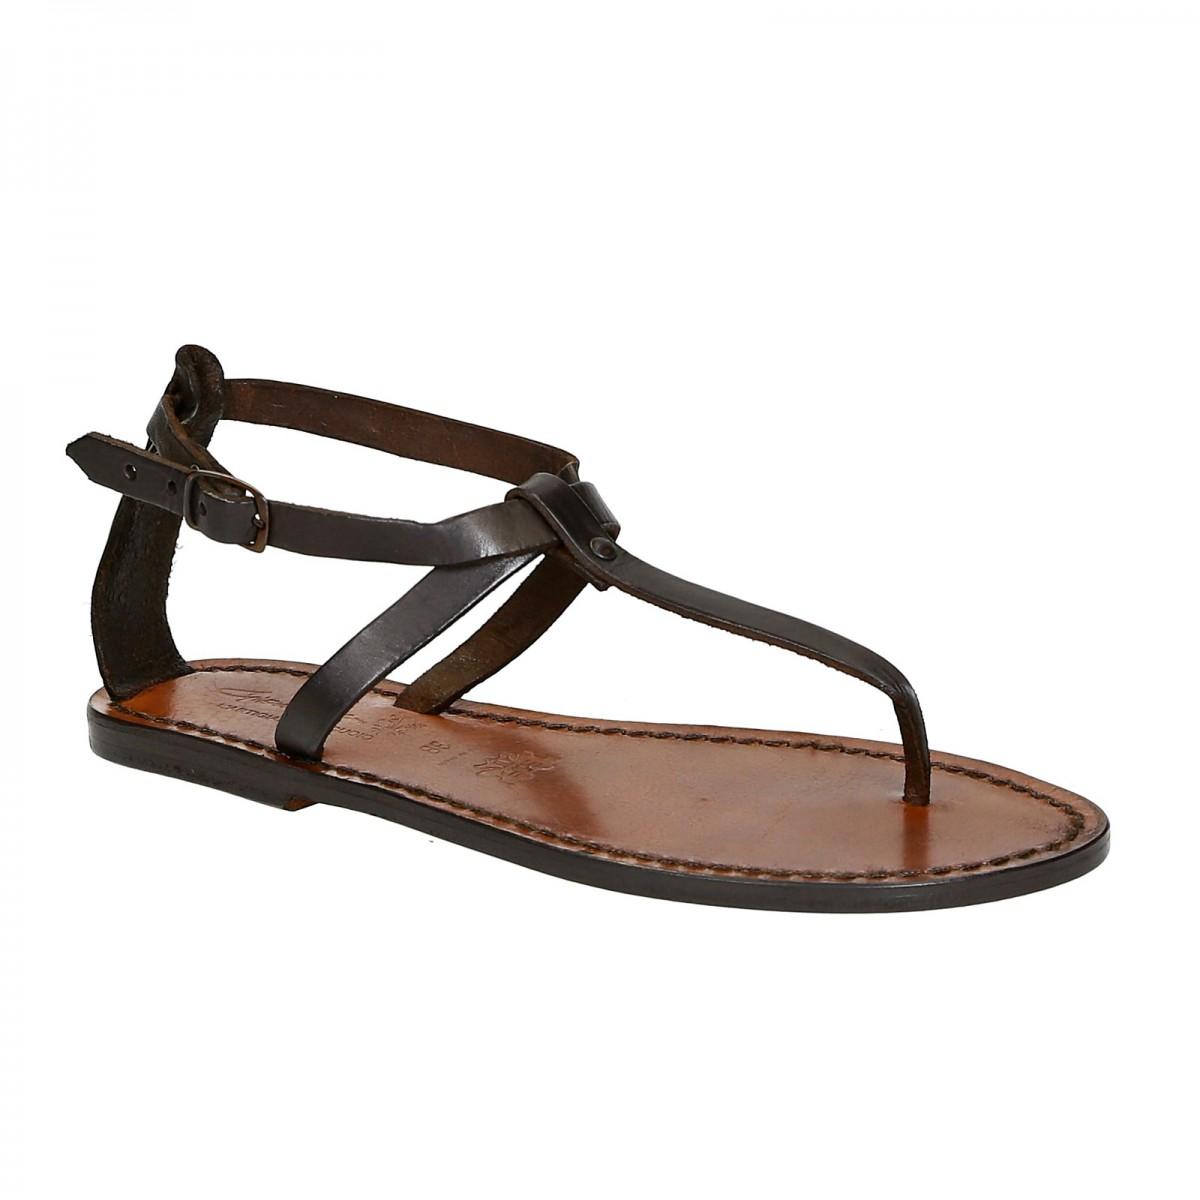 5c86eeb0bb8e Las mujeres sandalias en cuero marrón oscuro hecha a mano en Italia.  Loading zoom